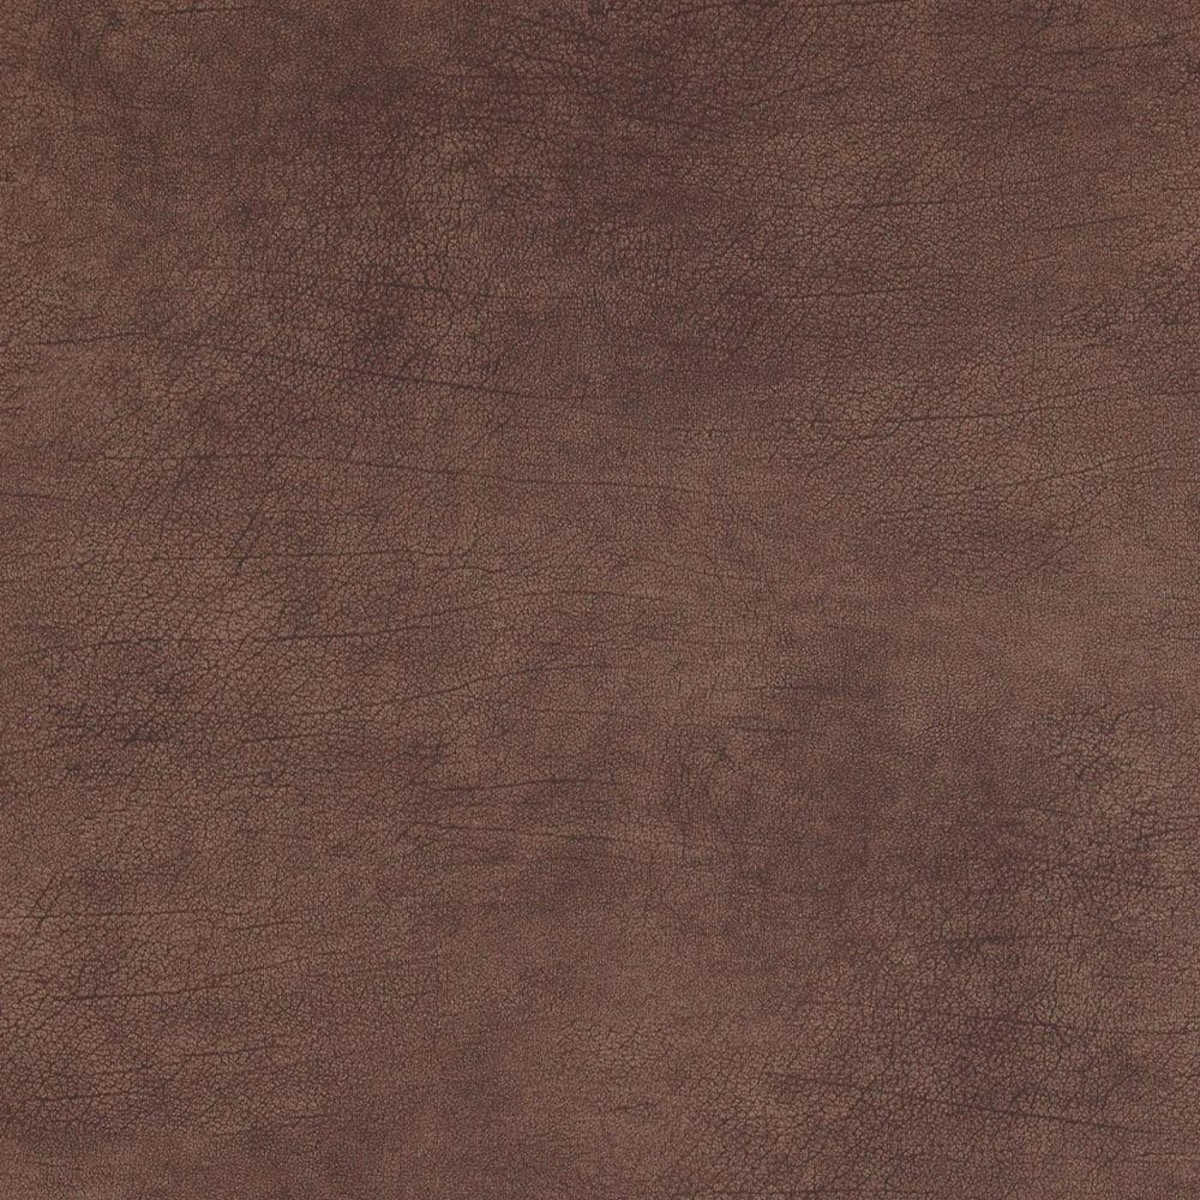 Обои флизелиновые Bn International Curious коричневые 0.53 м 17922